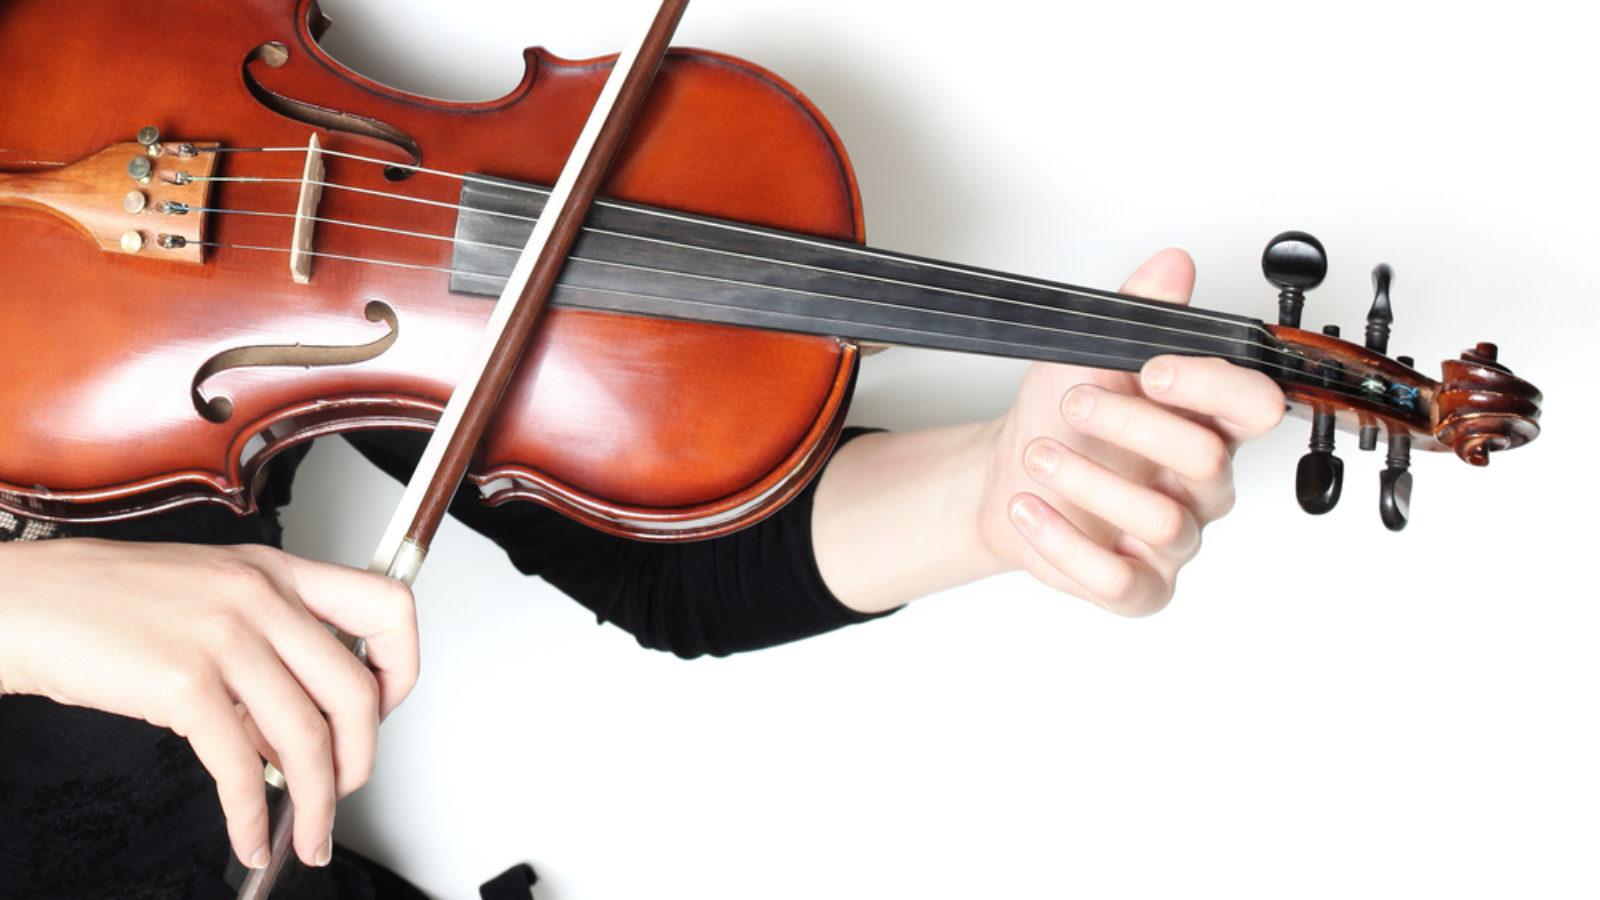 ヴァイオリンの弦には色々な素材・種類がある!選び方は?管理人のおすすめも紹介します